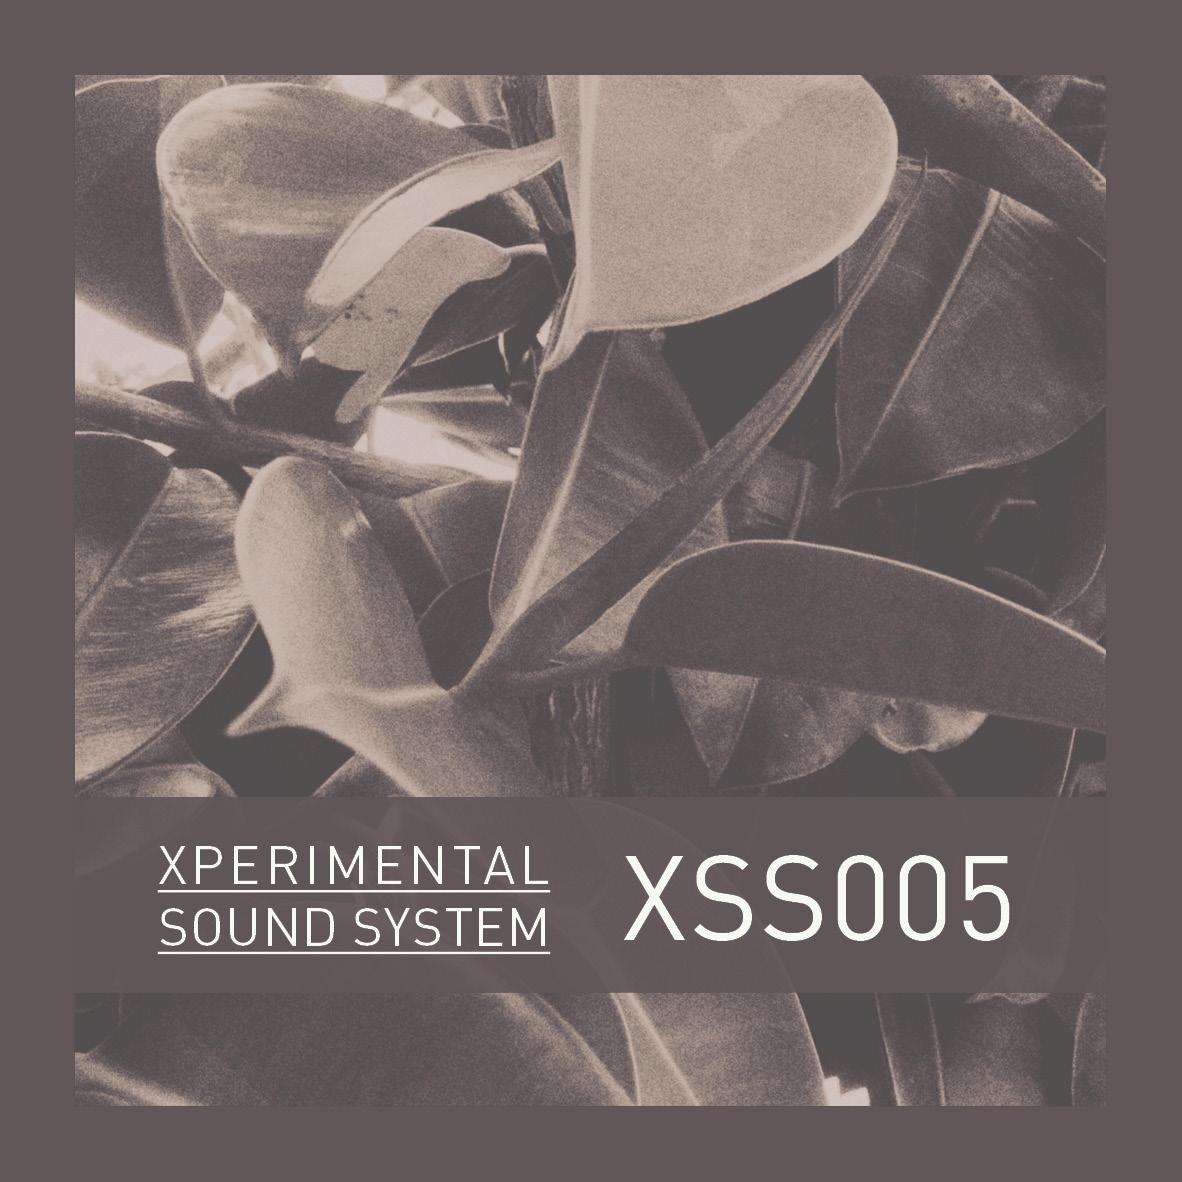 XSS005